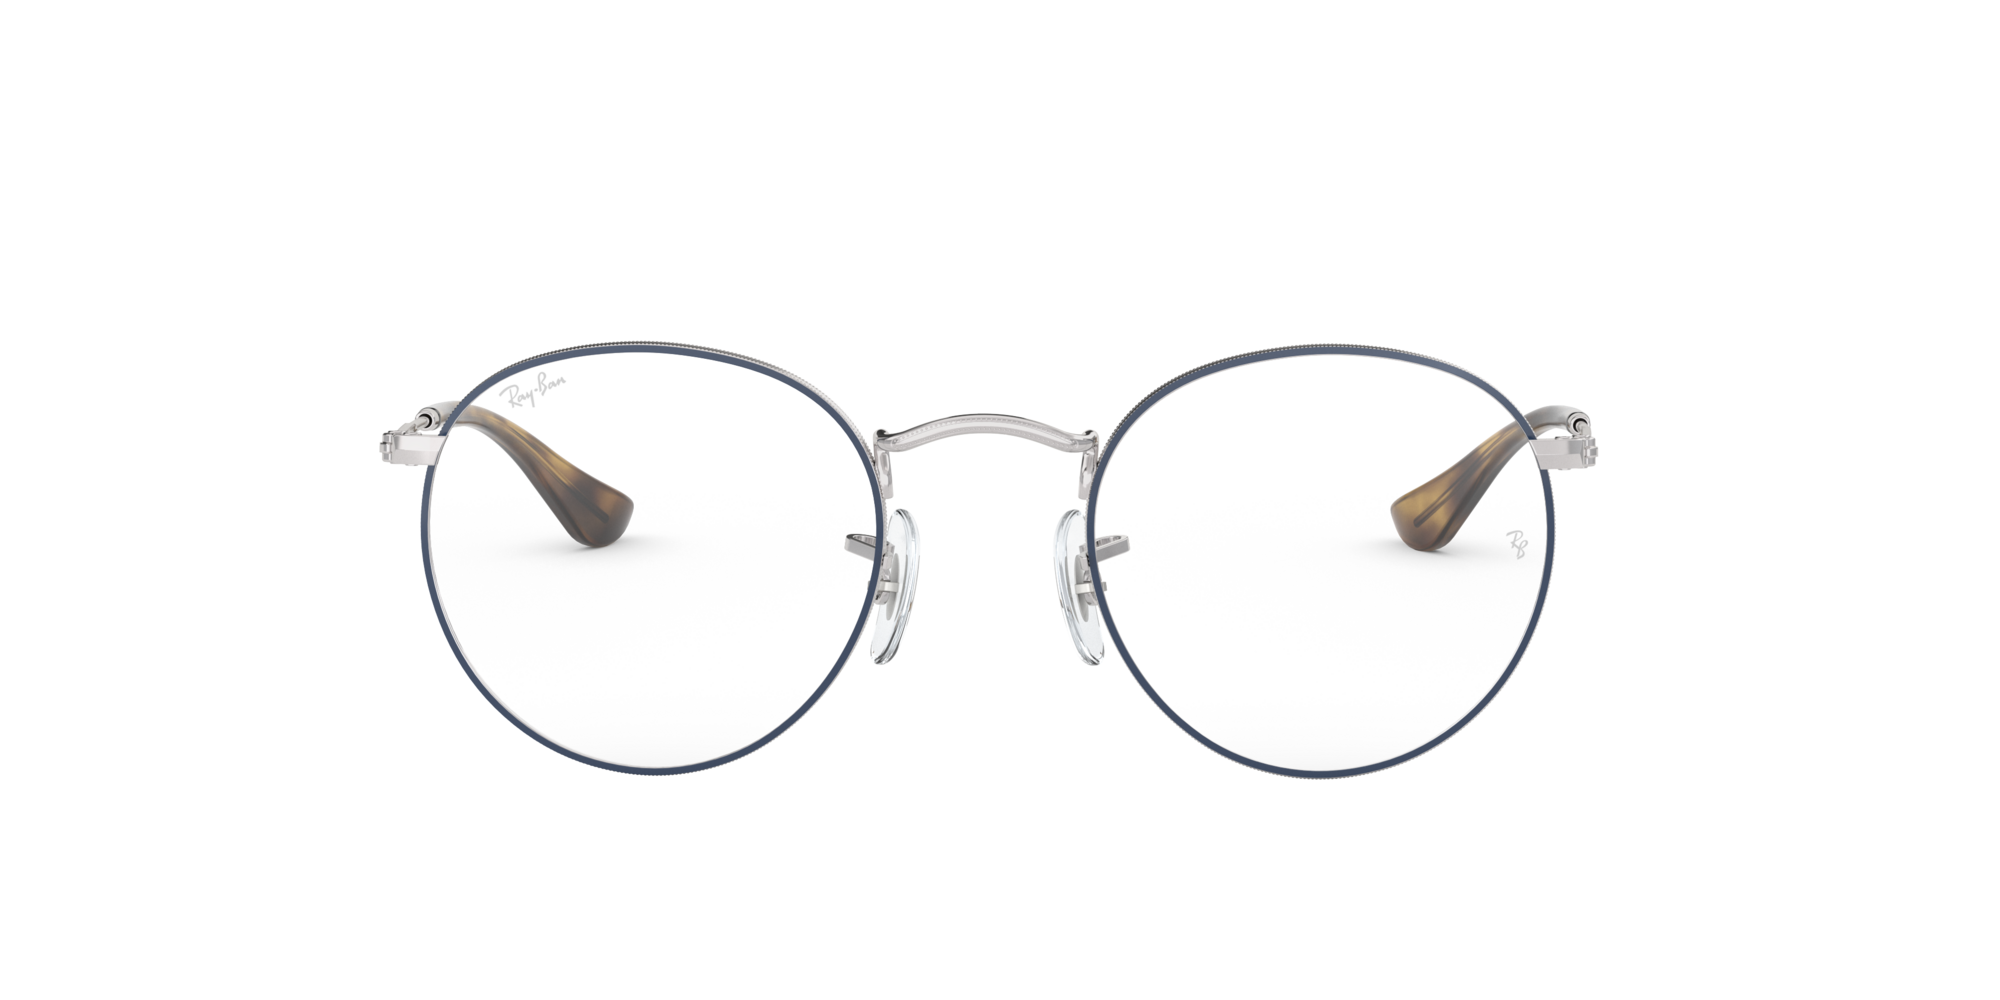 Imagen para RX3447V ROUND METAL de LensCrafters |  Espejuelos, espejuelos graduados en línea, gafas